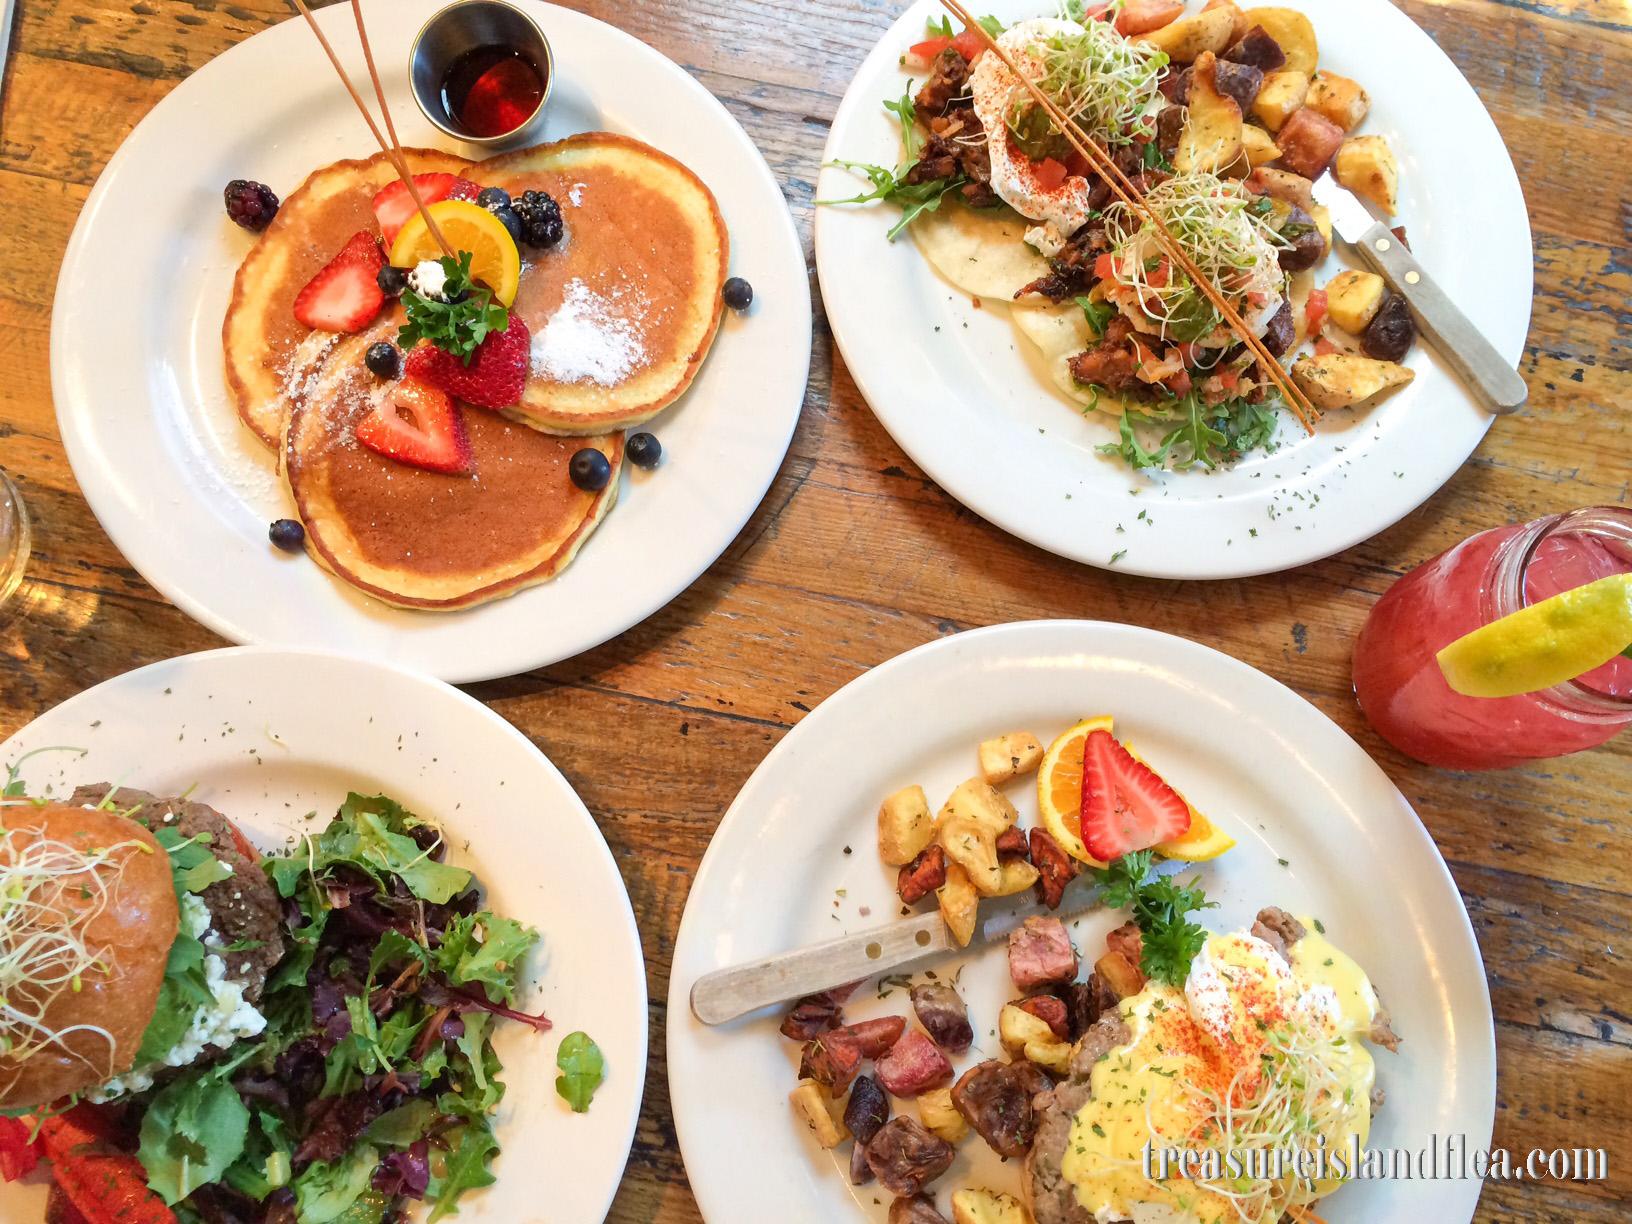 Beberapa Wisata Kuliner Yang Wajib di Coba Saat di San Francisco